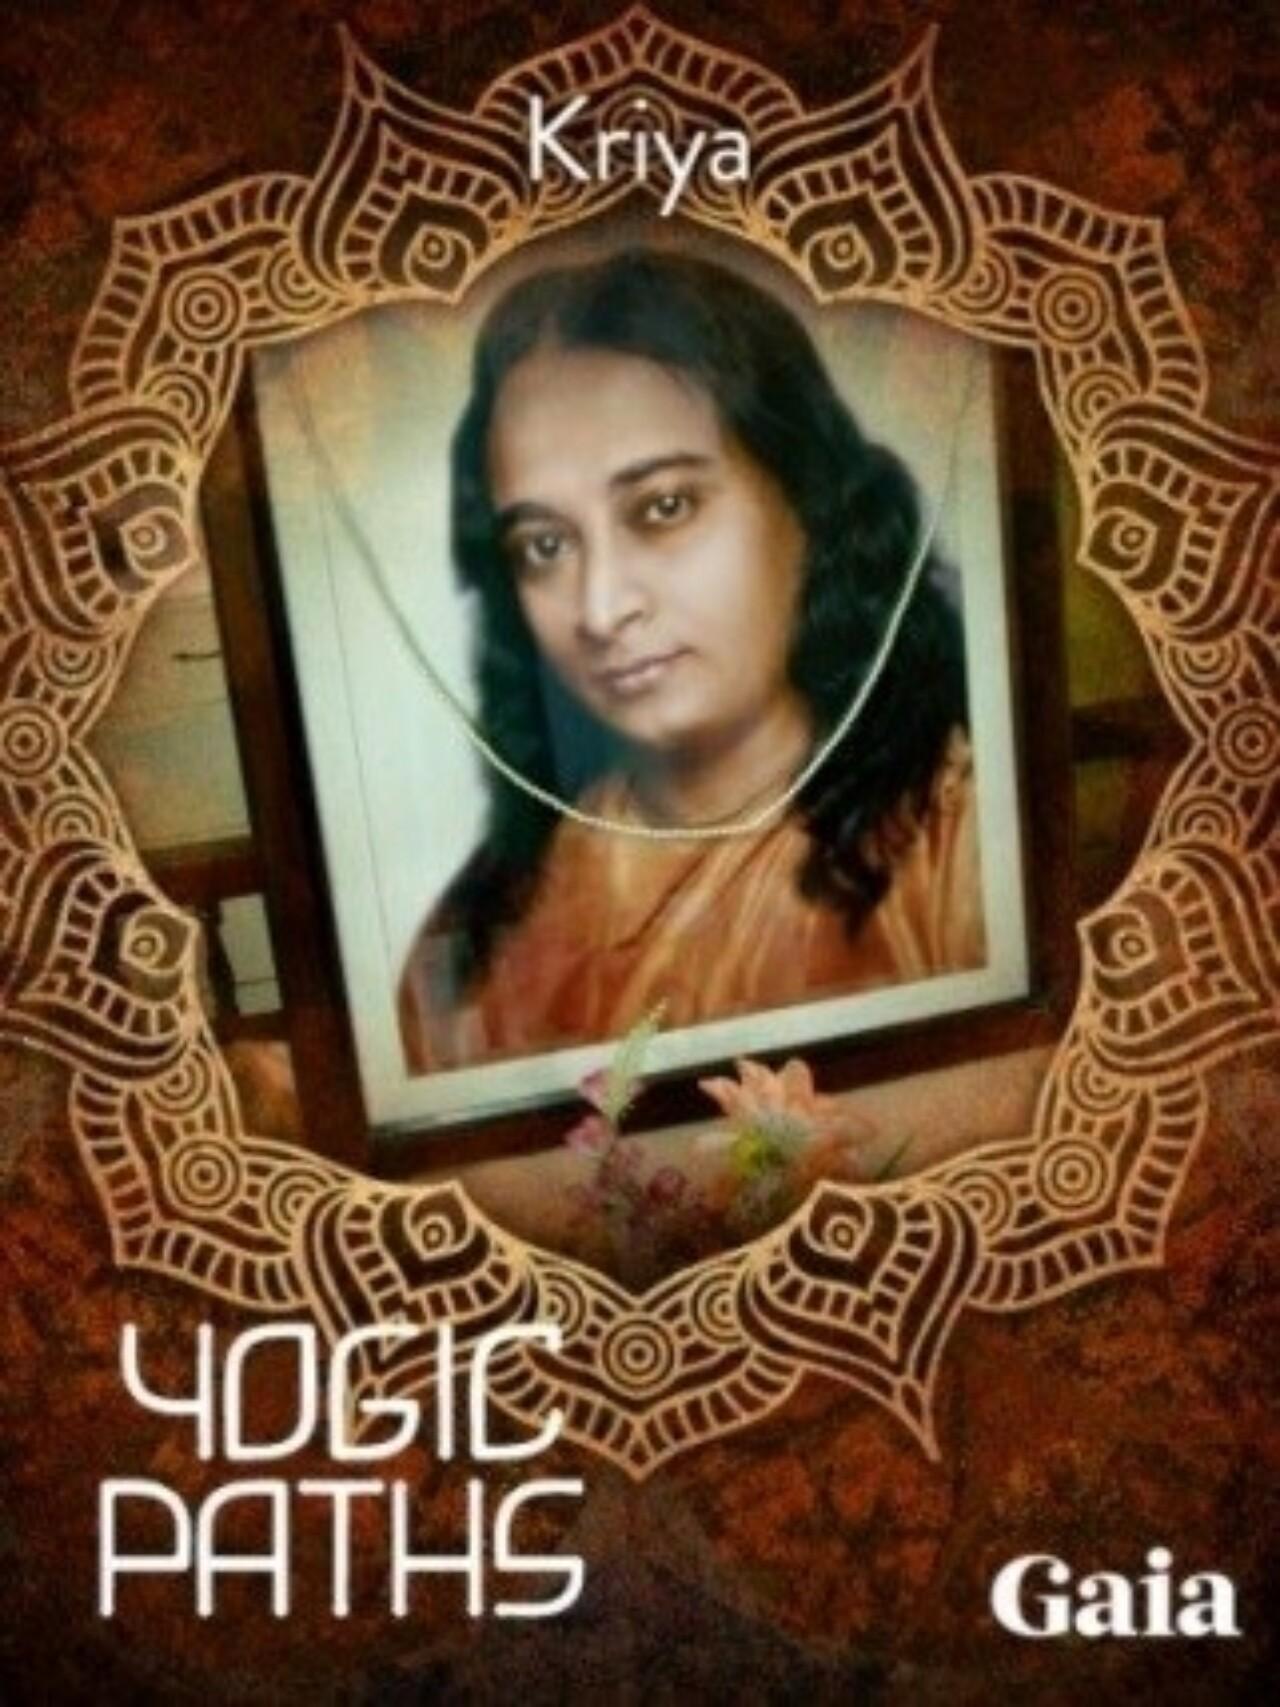 Kriya yoga featured on Yogic Paths